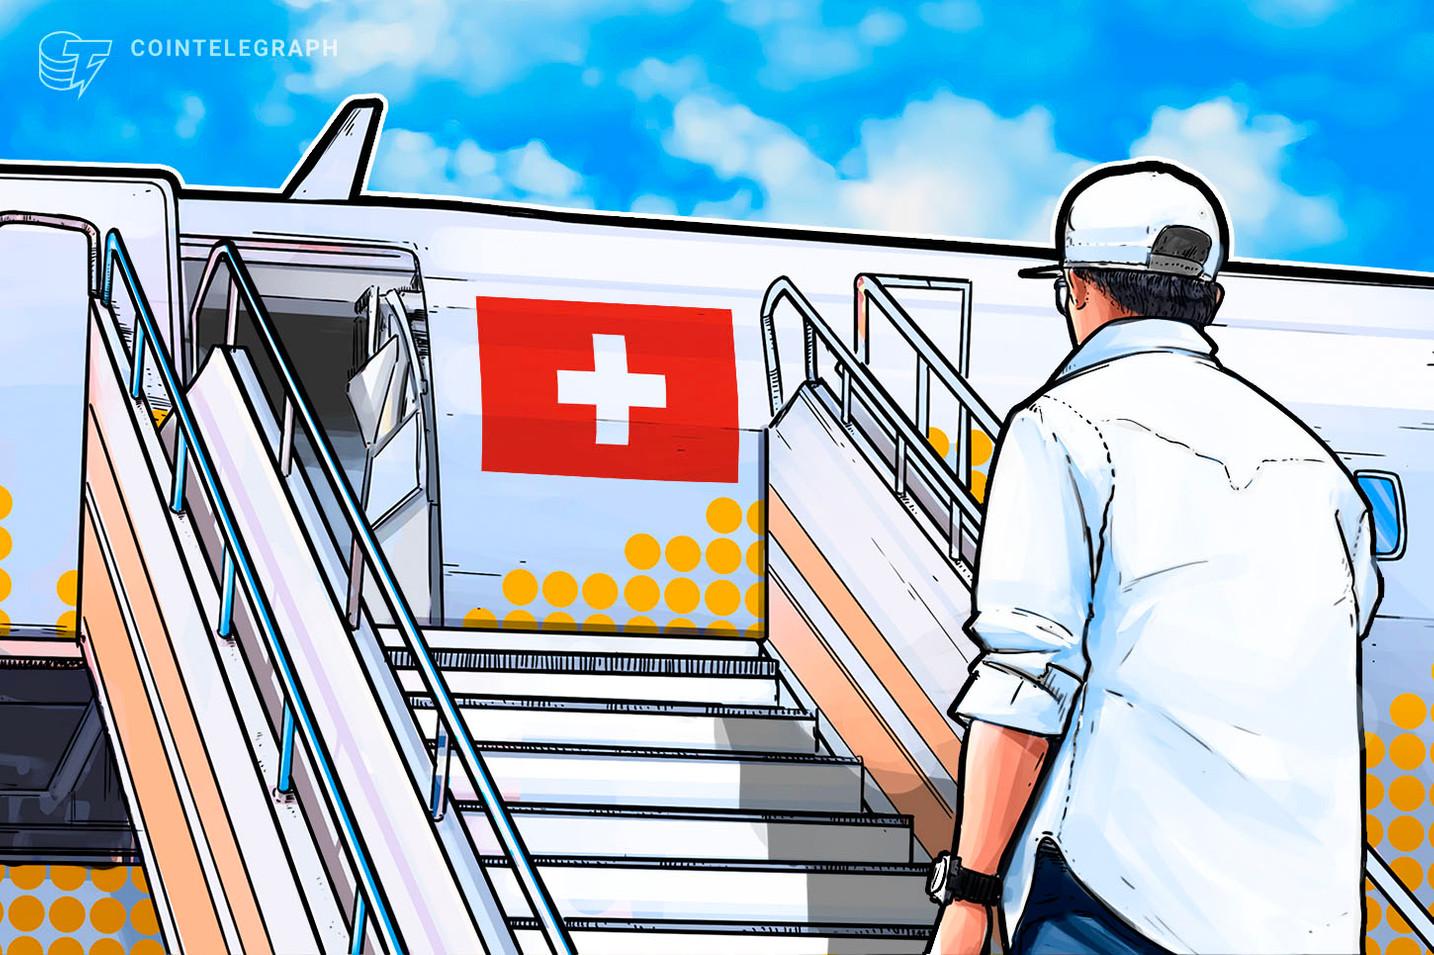 ビットコインATMメーカーのラマスがスイスに移転、スイスでの仮想通貨企業の集積進む